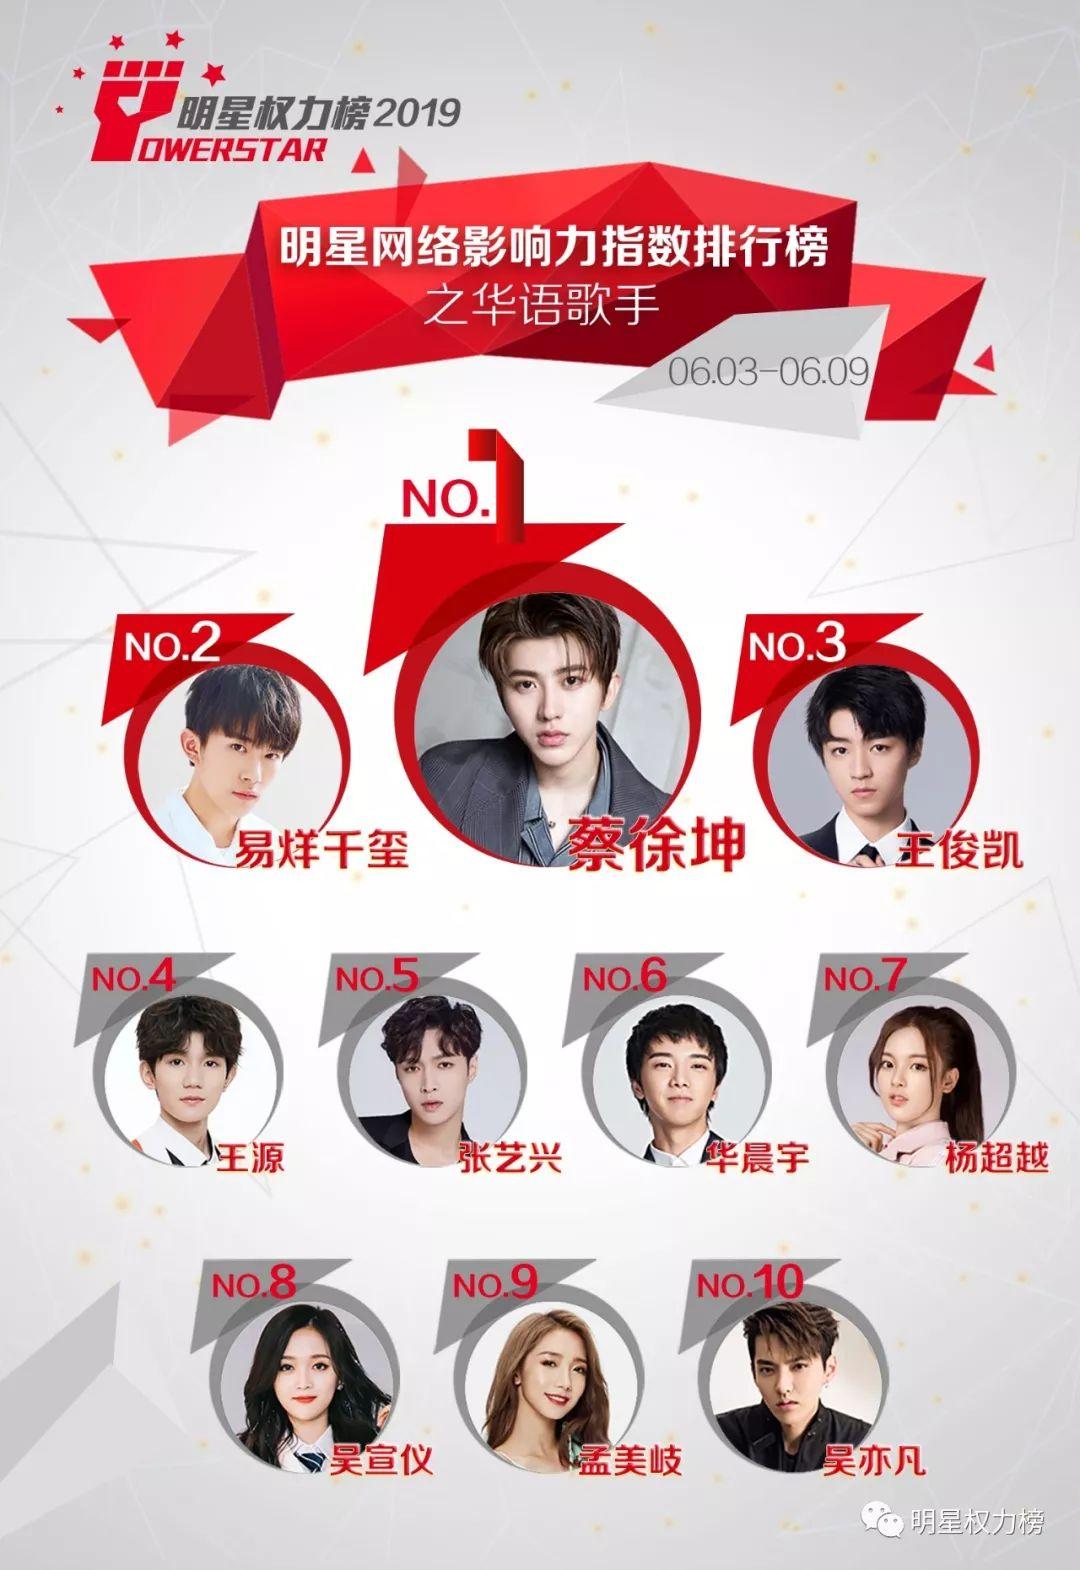 明星网络影响力指数排行榜第203期榜单之华语歌手Top10